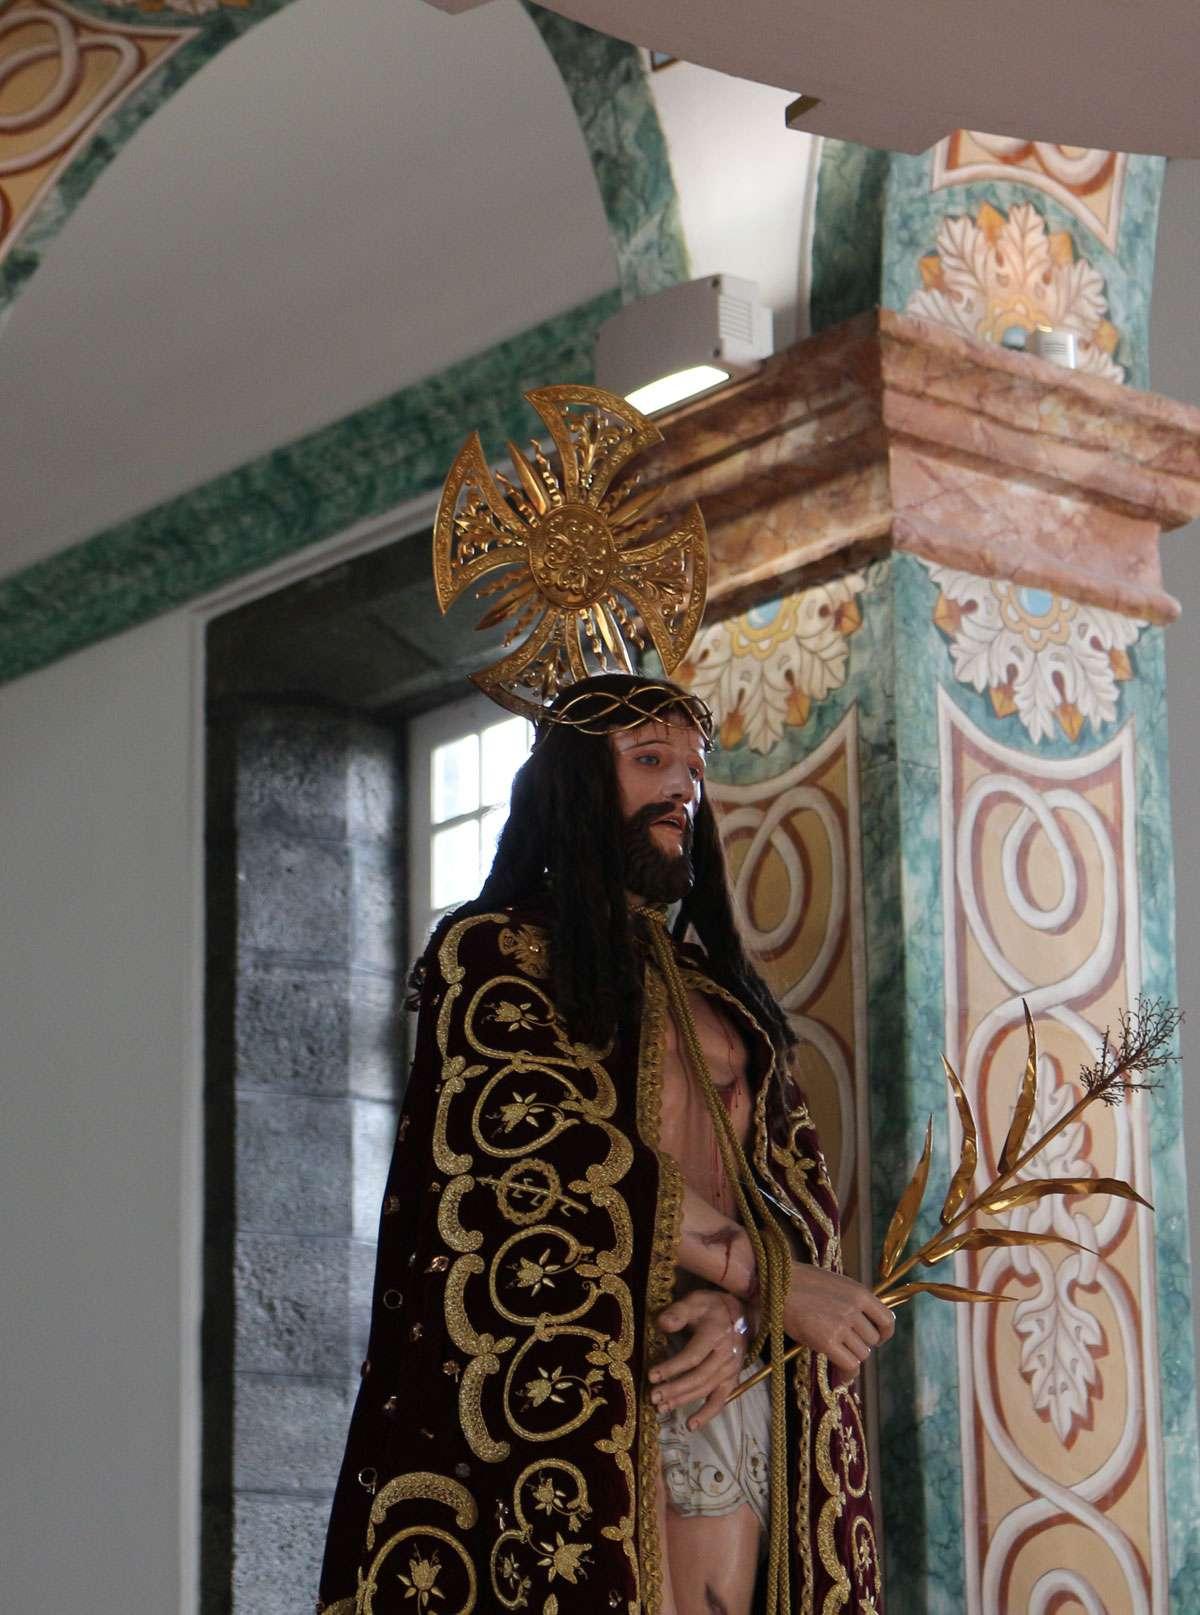 Scenes from Pico Bom Jesus festival